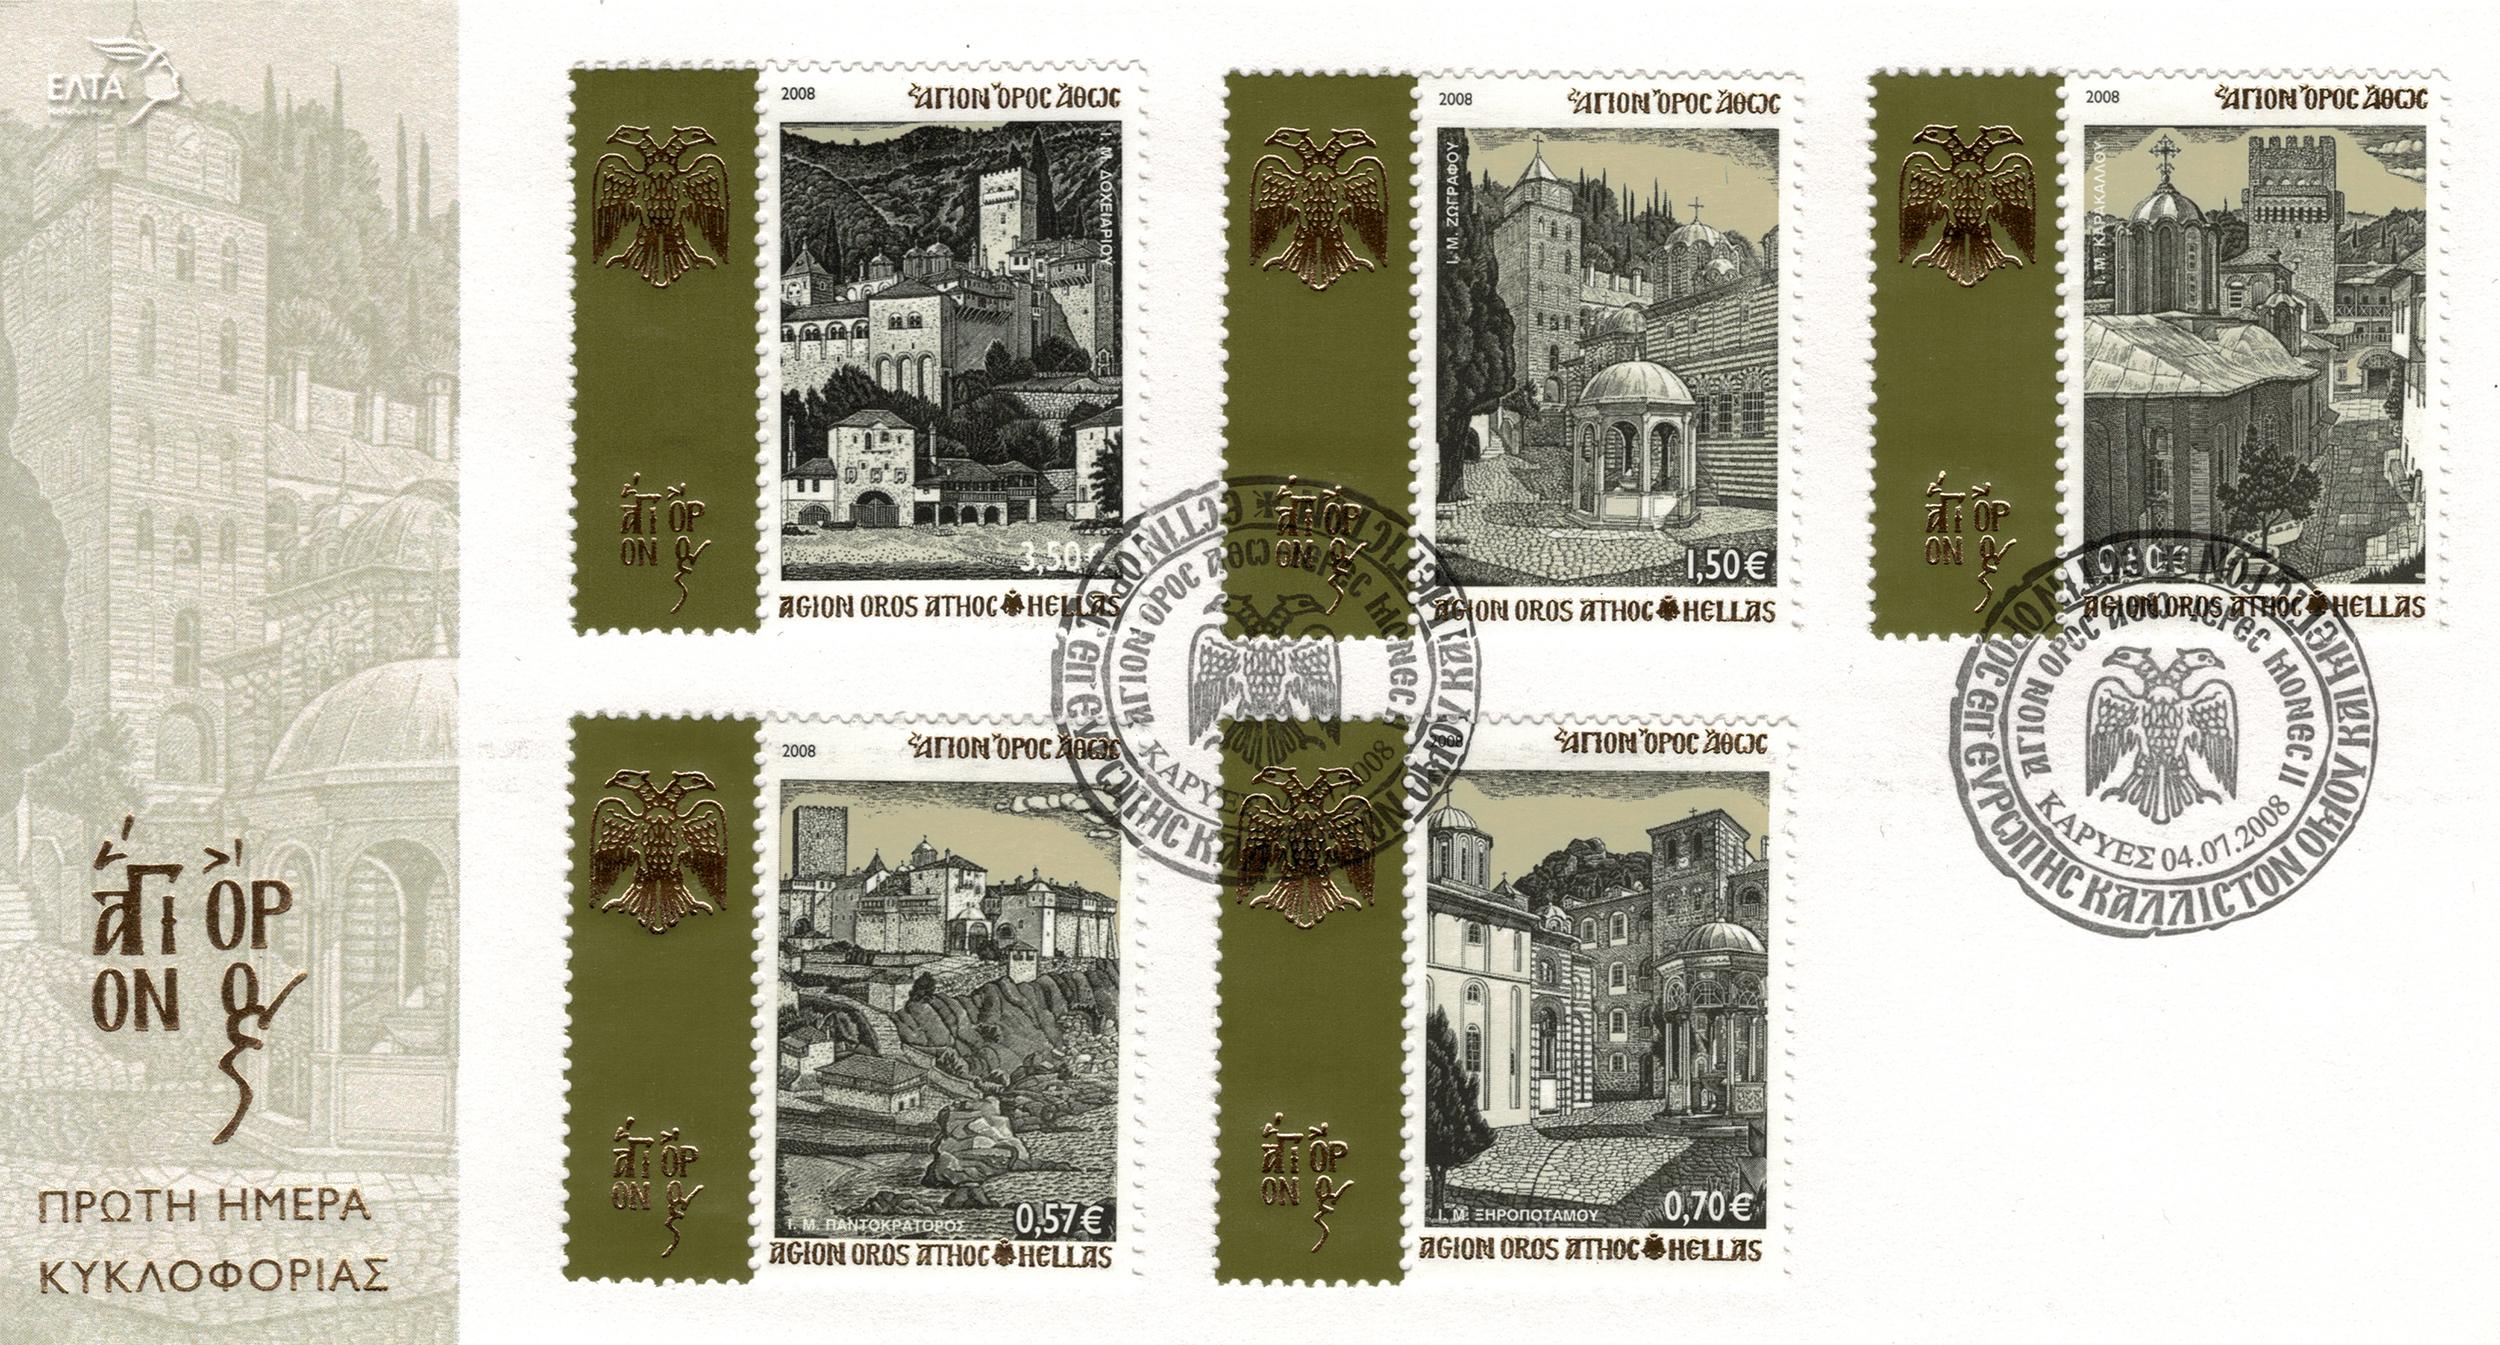 Mount Athos Briefmarken 2008